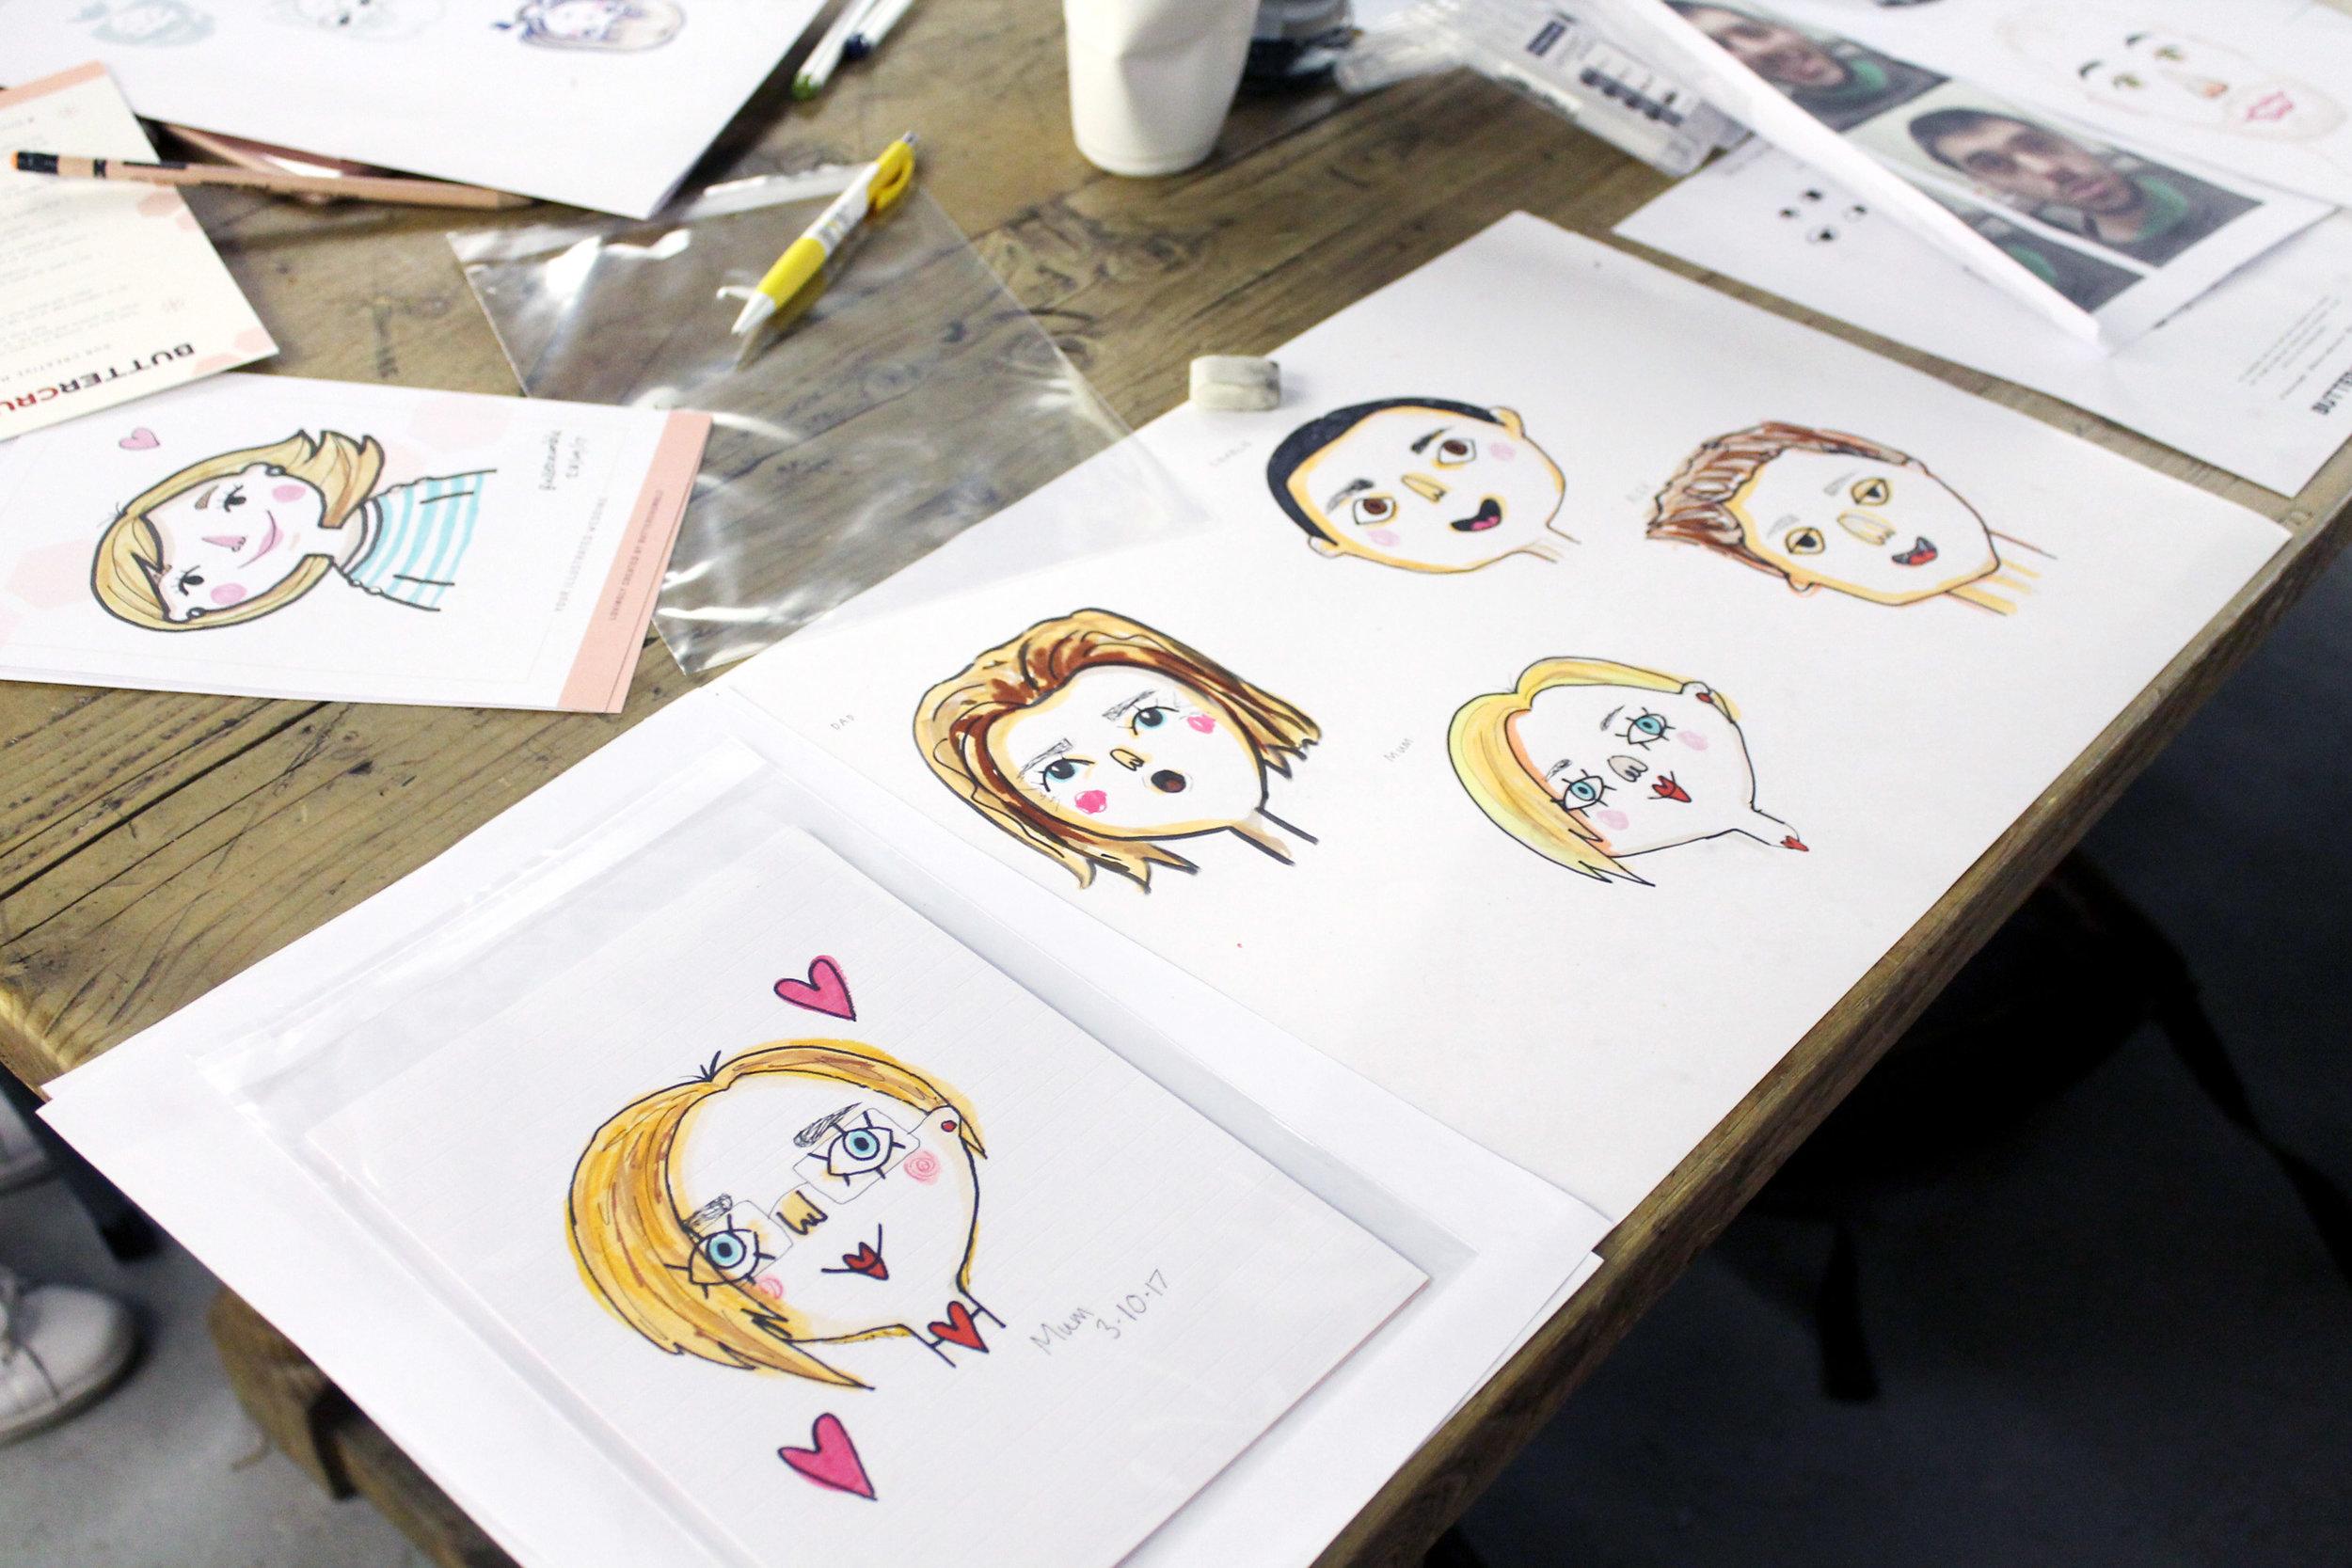 Portraits-on-Table-3-WEB.jpg